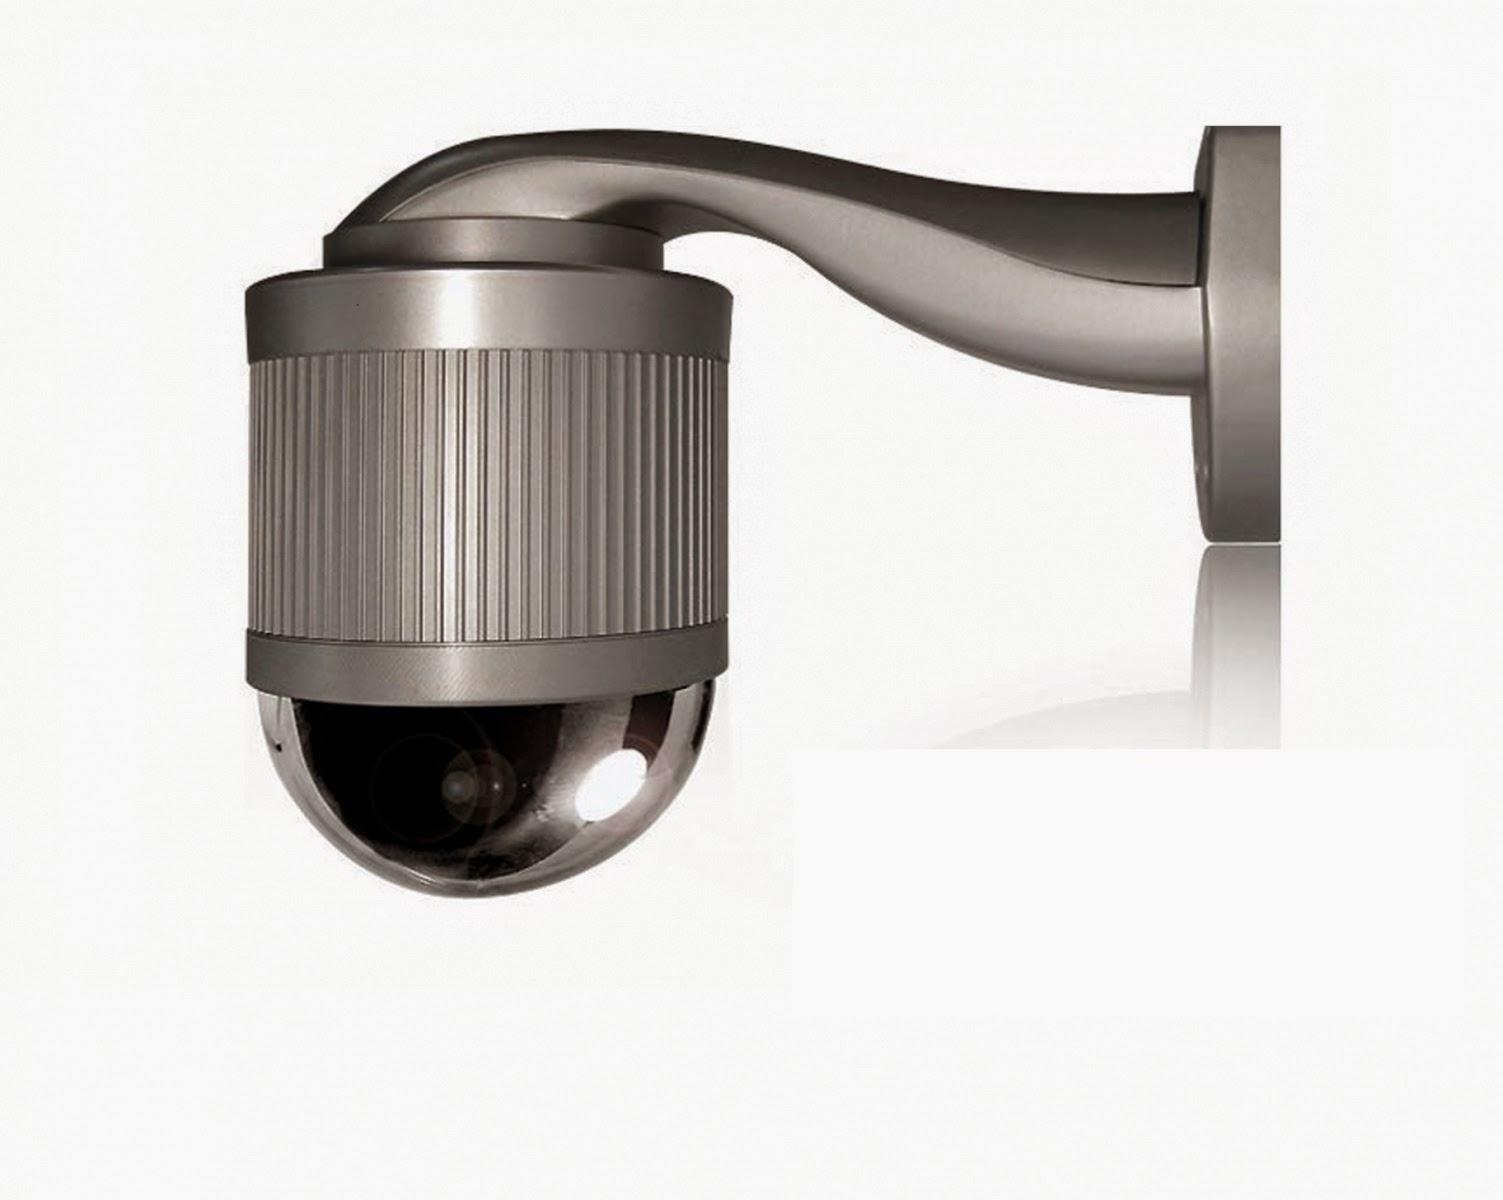 Camera Speed Dome IP AVM571P, lắp đặt camera hcm, công ty lắp camera long an, lắp camera binh duong, lắp camera đồng nai, công ty máy chấm công, lắp kiểm soát cửa, lắp hệ thống tổng đài panasonic